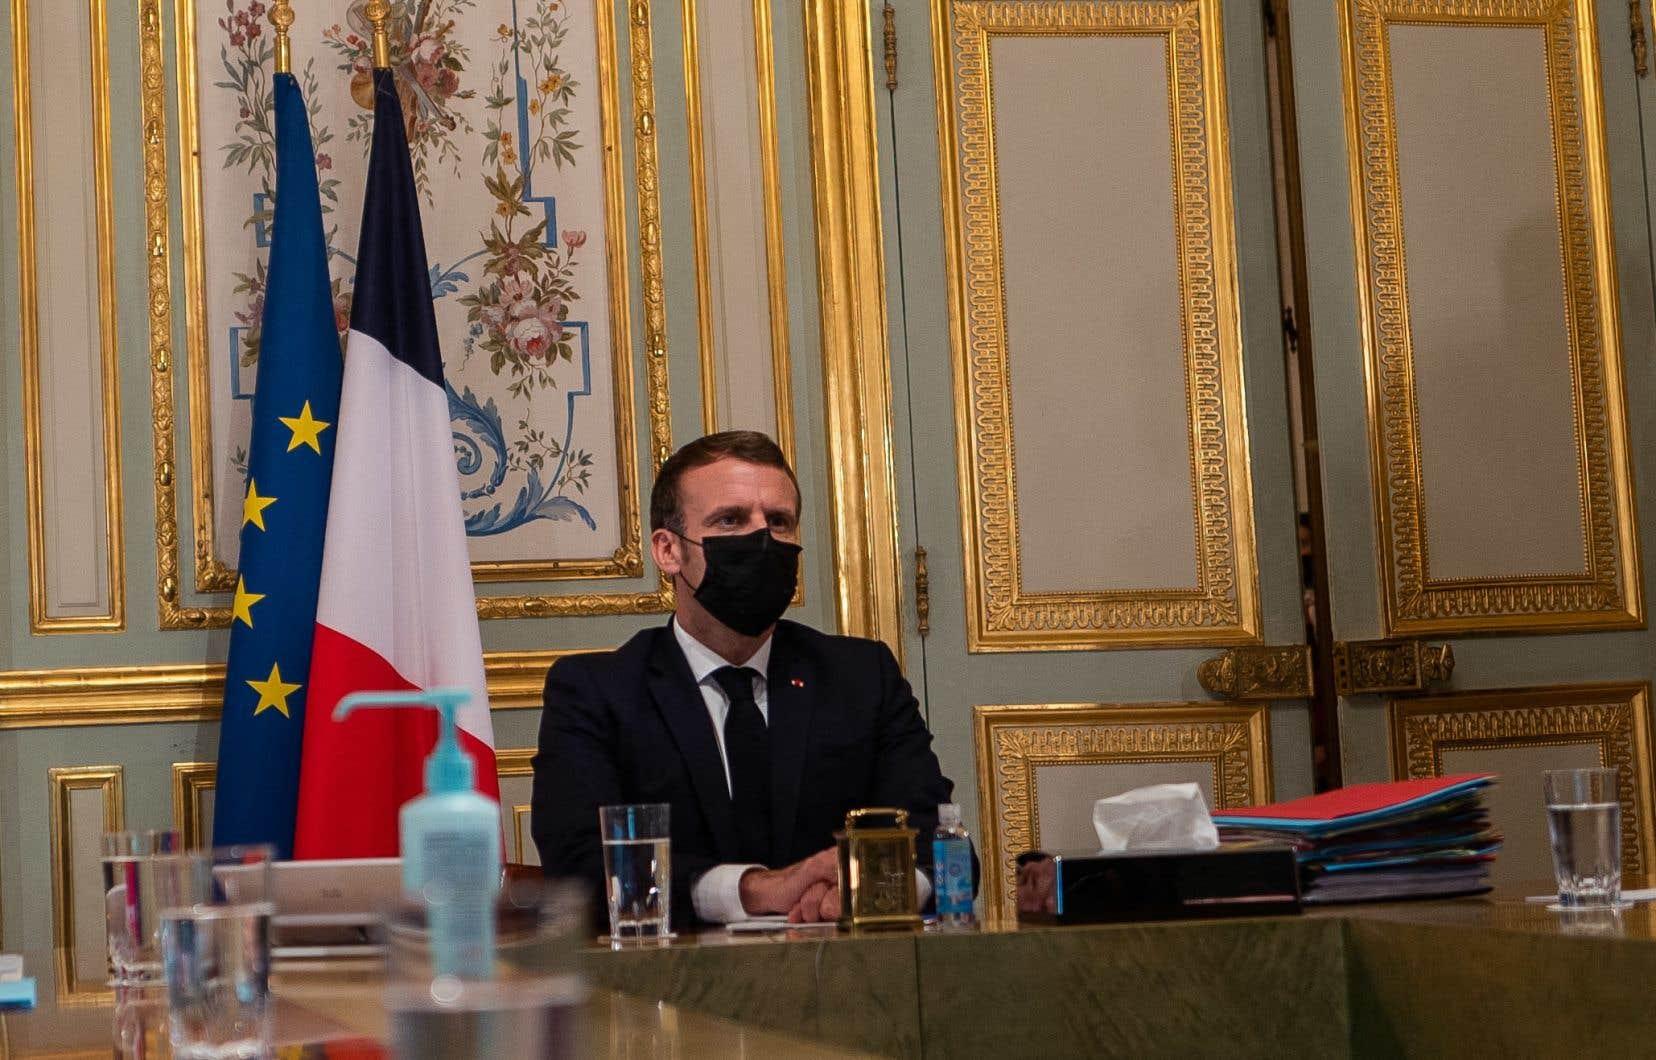 «Les réactions du monde musulman ont été dues à beaucoup de mensonges, et au fait que les gens ont cru comprendre que moi, j'étais favorable à ces caricatures. [...]», a affirmé Emmanuel Macron lors de son entrevue à Al-Jazira.